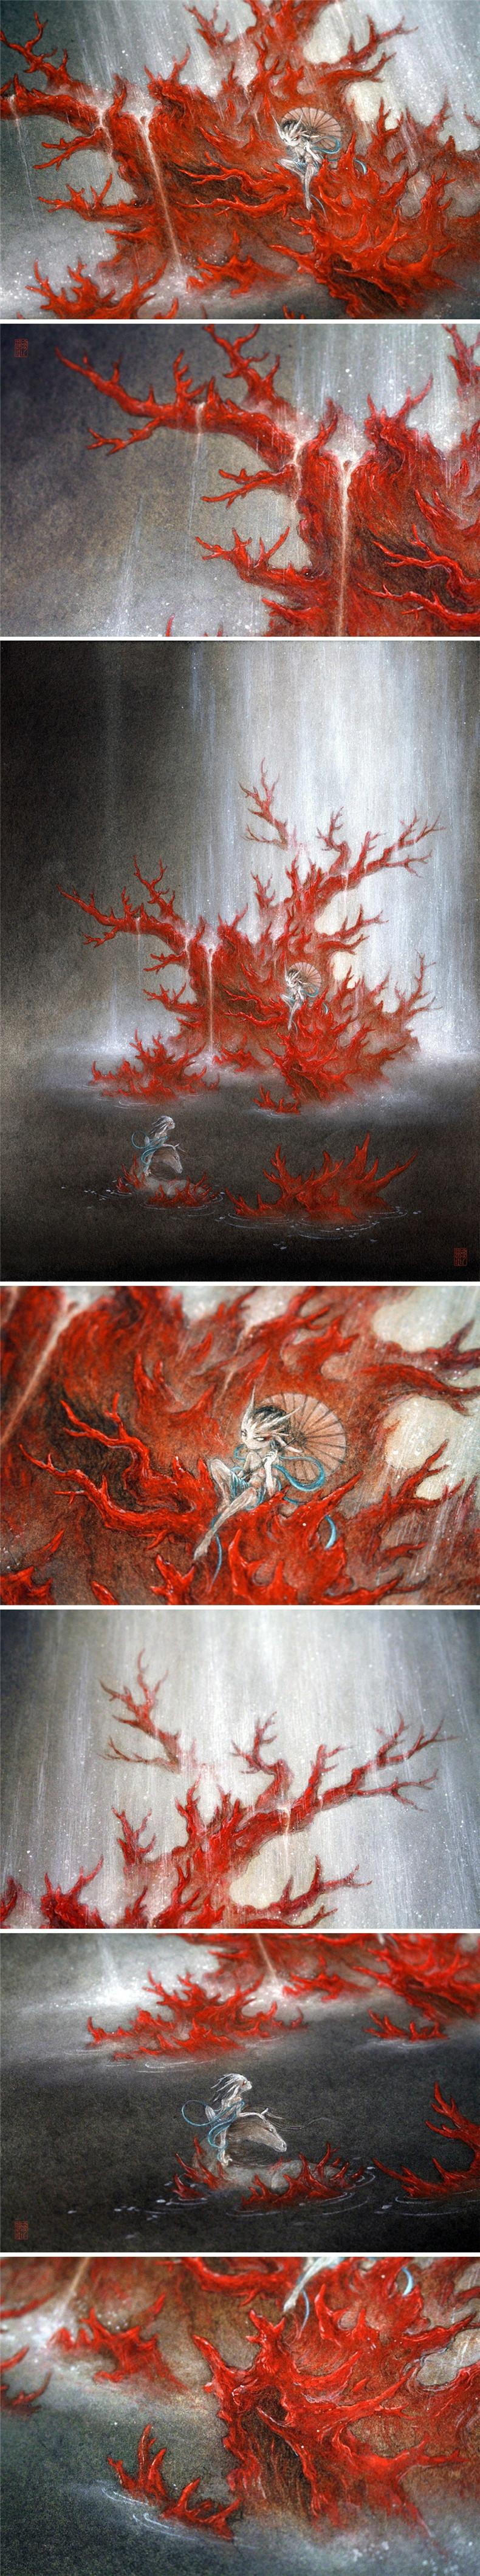 杉泽《天瀑.海童》中国风插画欣赏